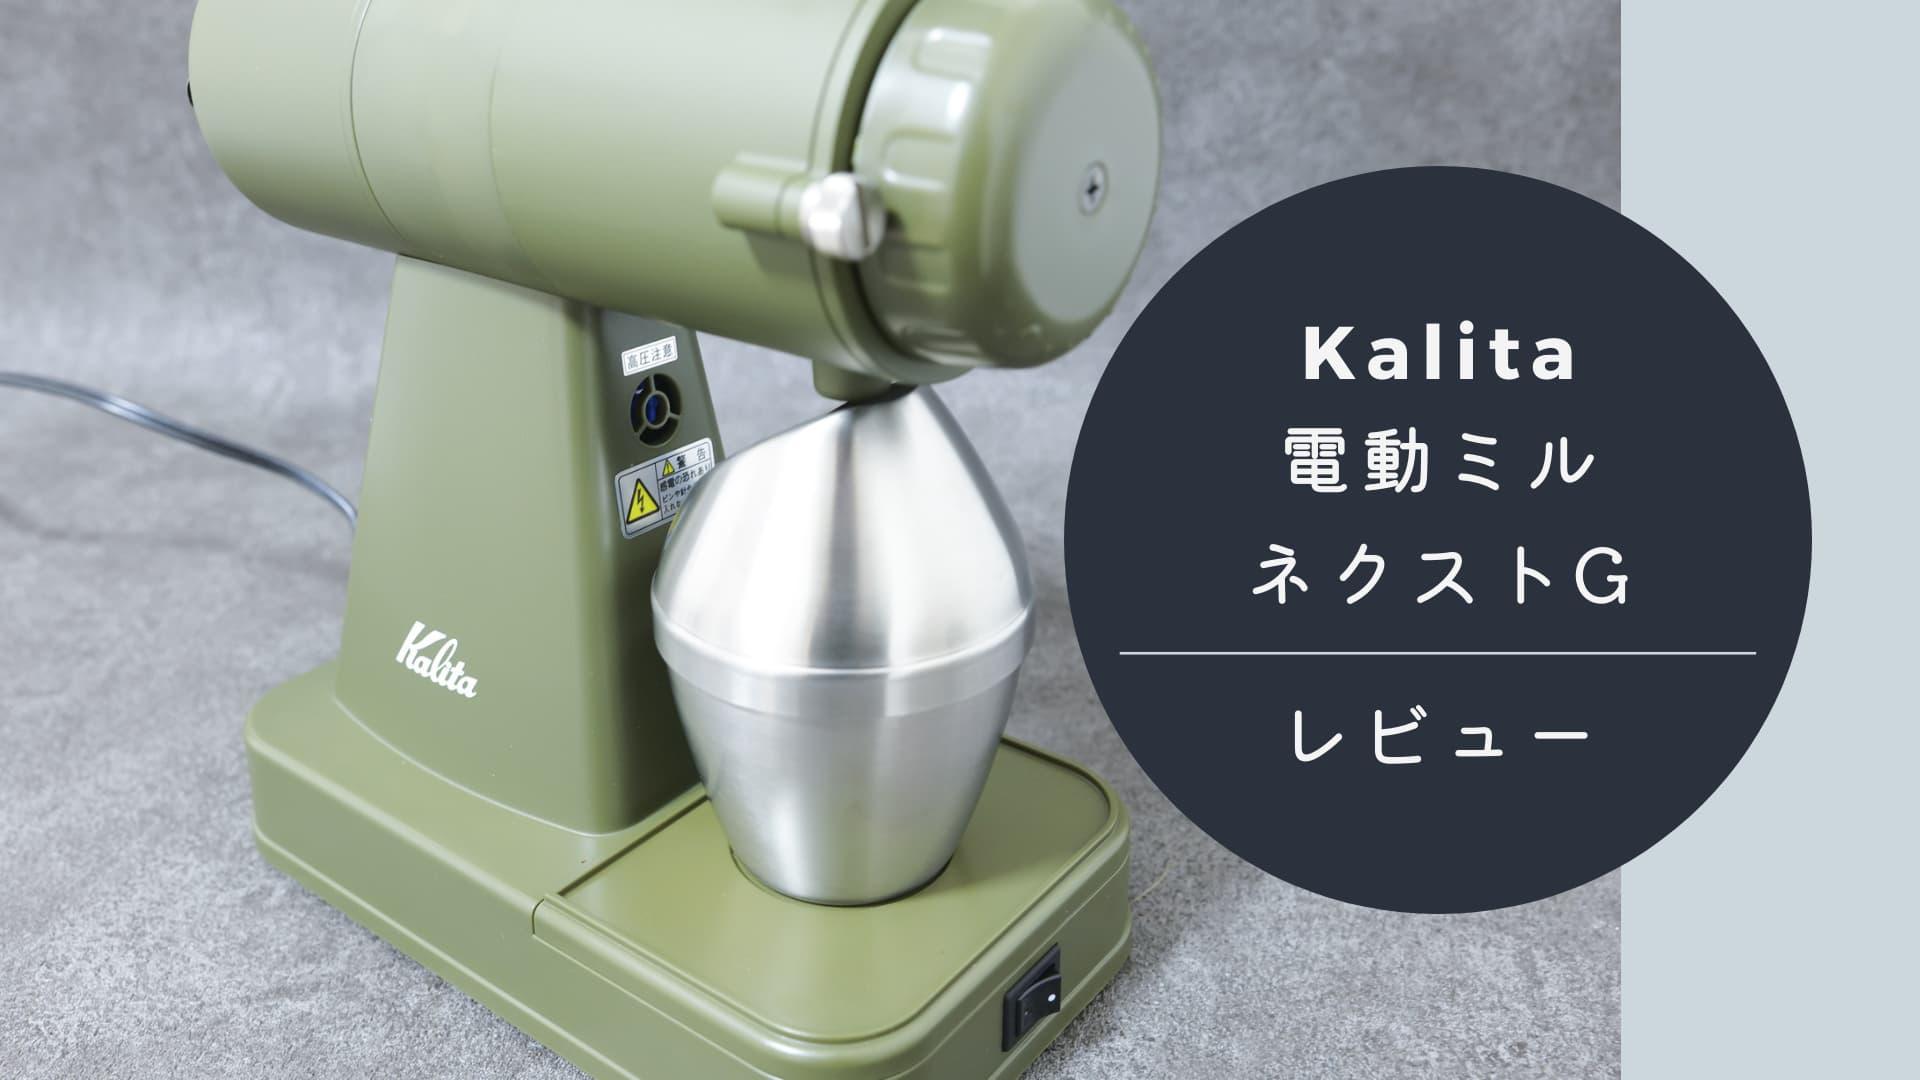 【おうちコーヒーミルの最高峰】カリタ ネクストGをレビュー